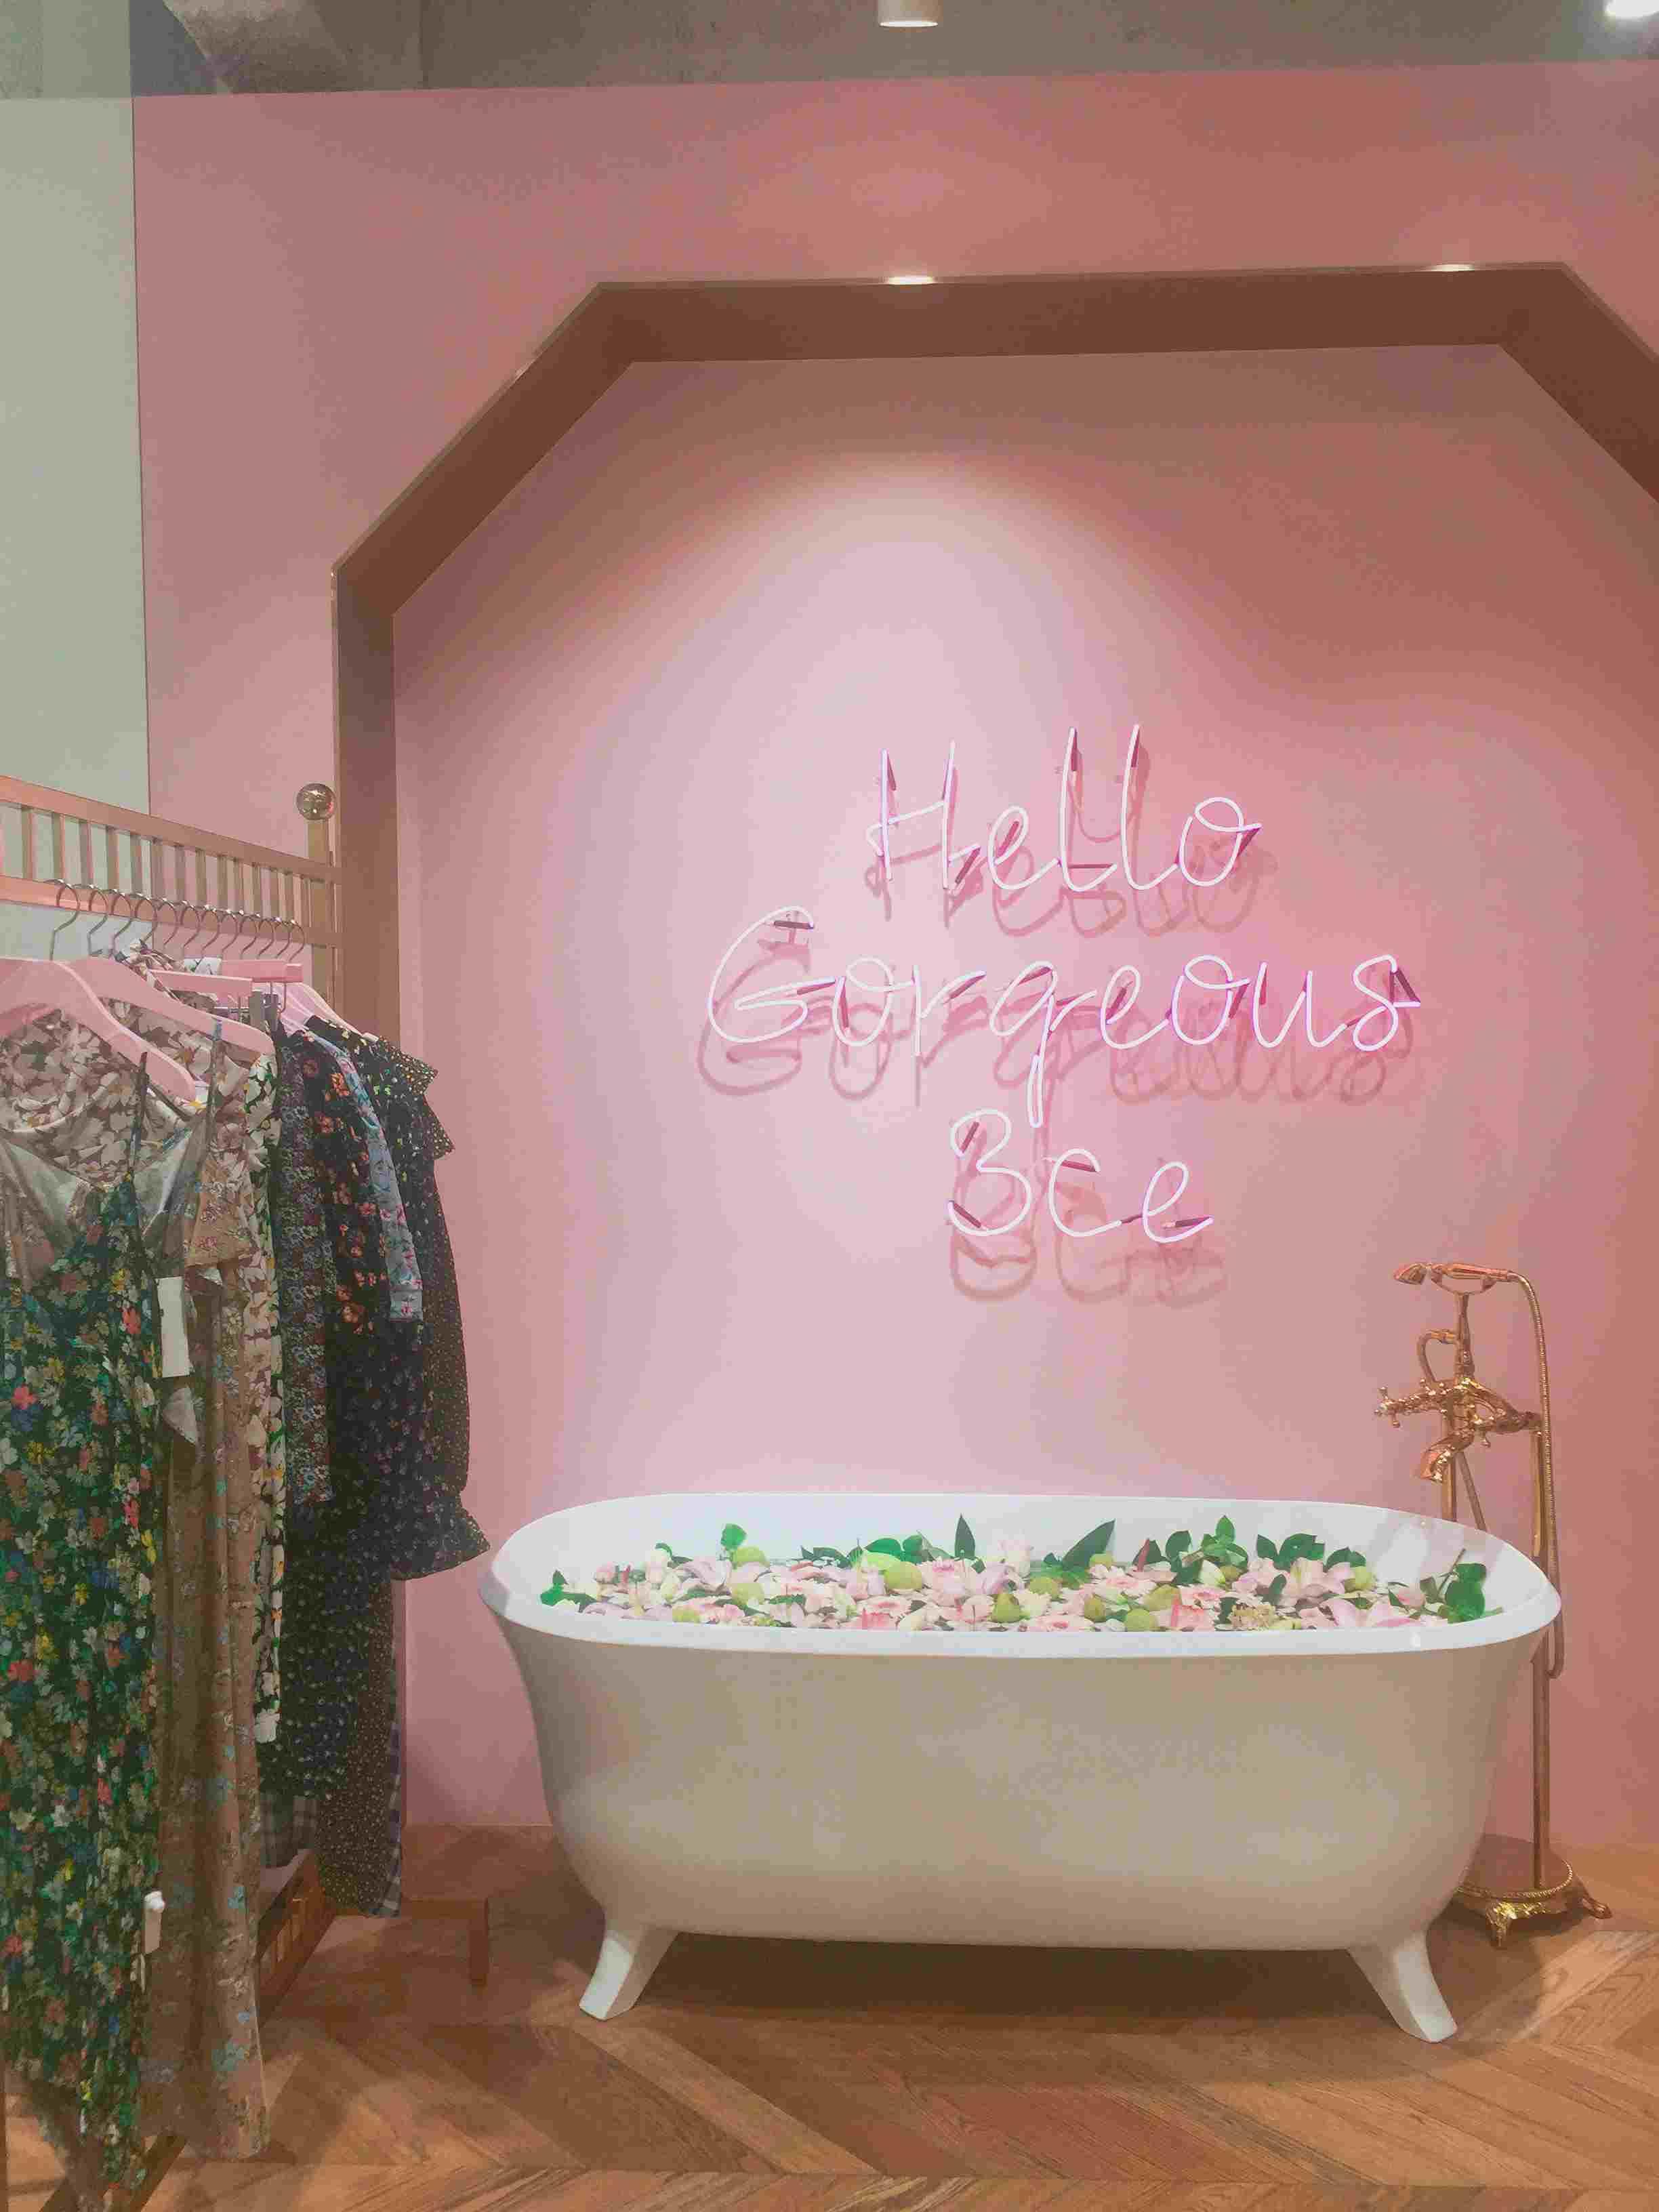 二樓是SPA,是美妝和化妝間。浴缸里泡的都是真的鮮花,超級香哦